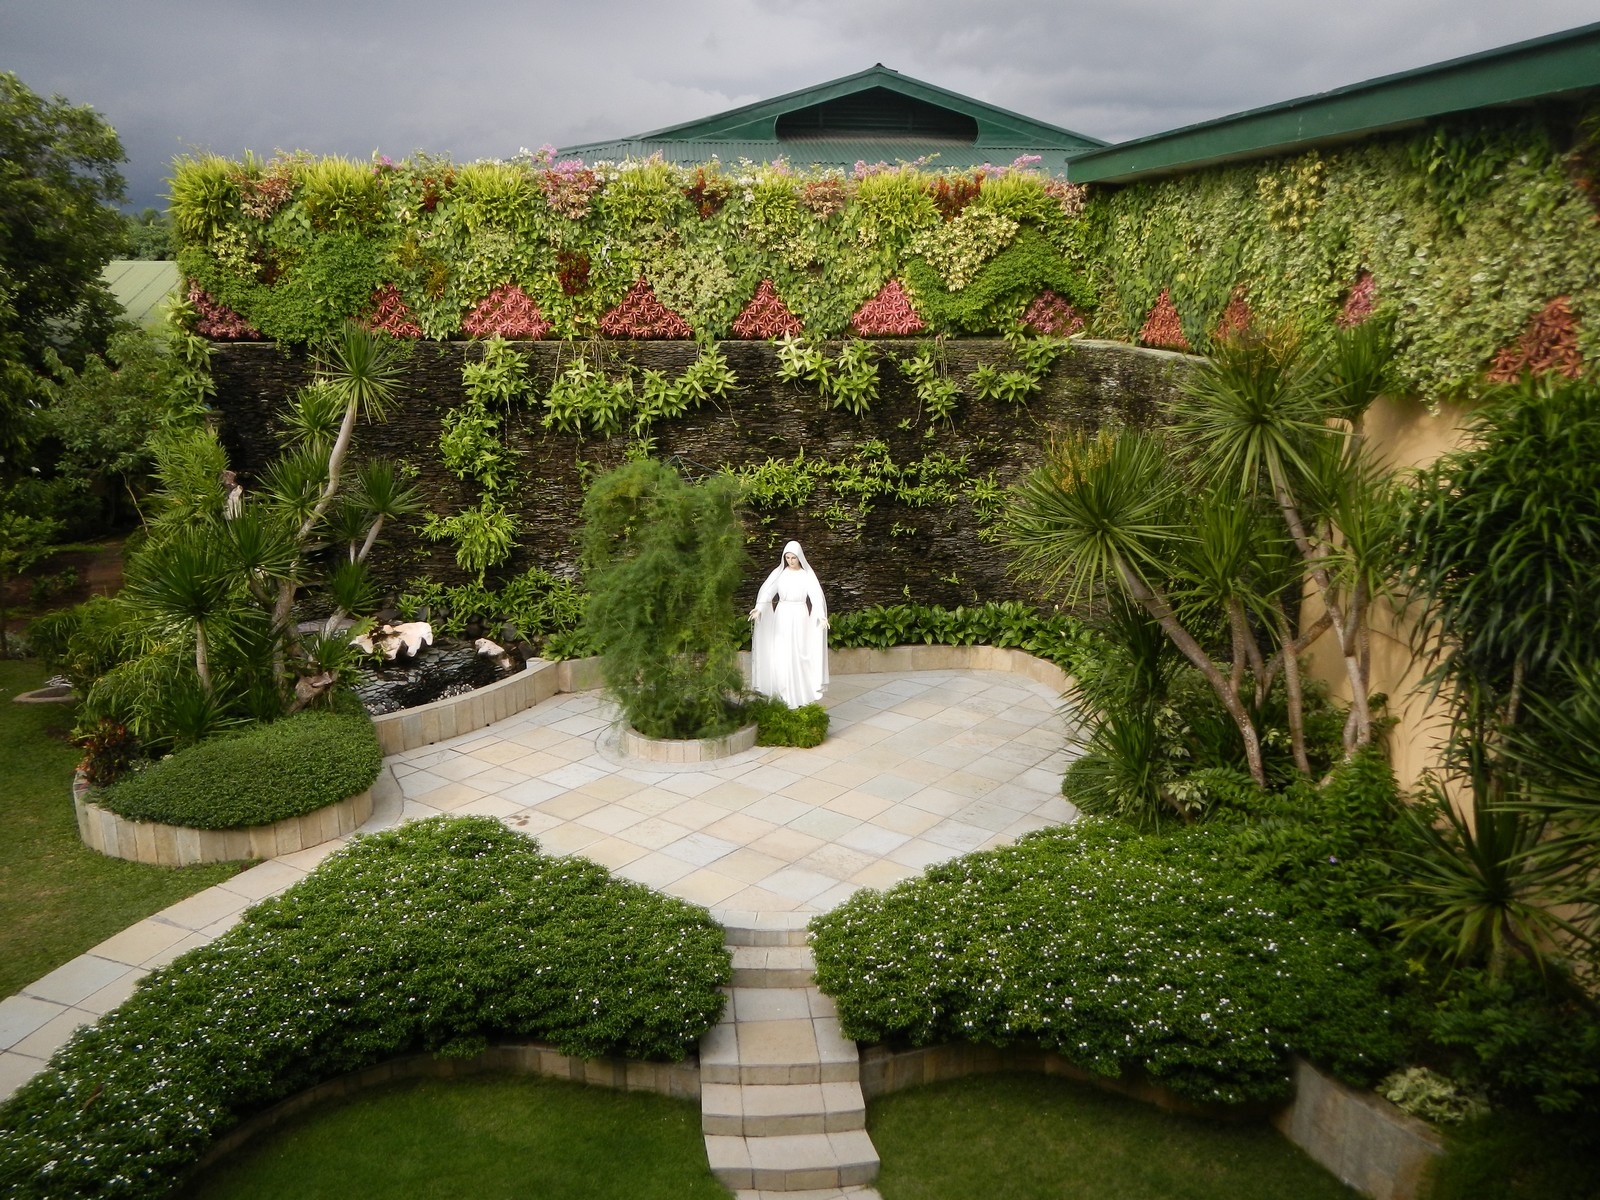 Lluvia de Pétalos de Rosa: Mediadora de Todas las Gracias de Lipa, Filipinas (12 de septiembre)